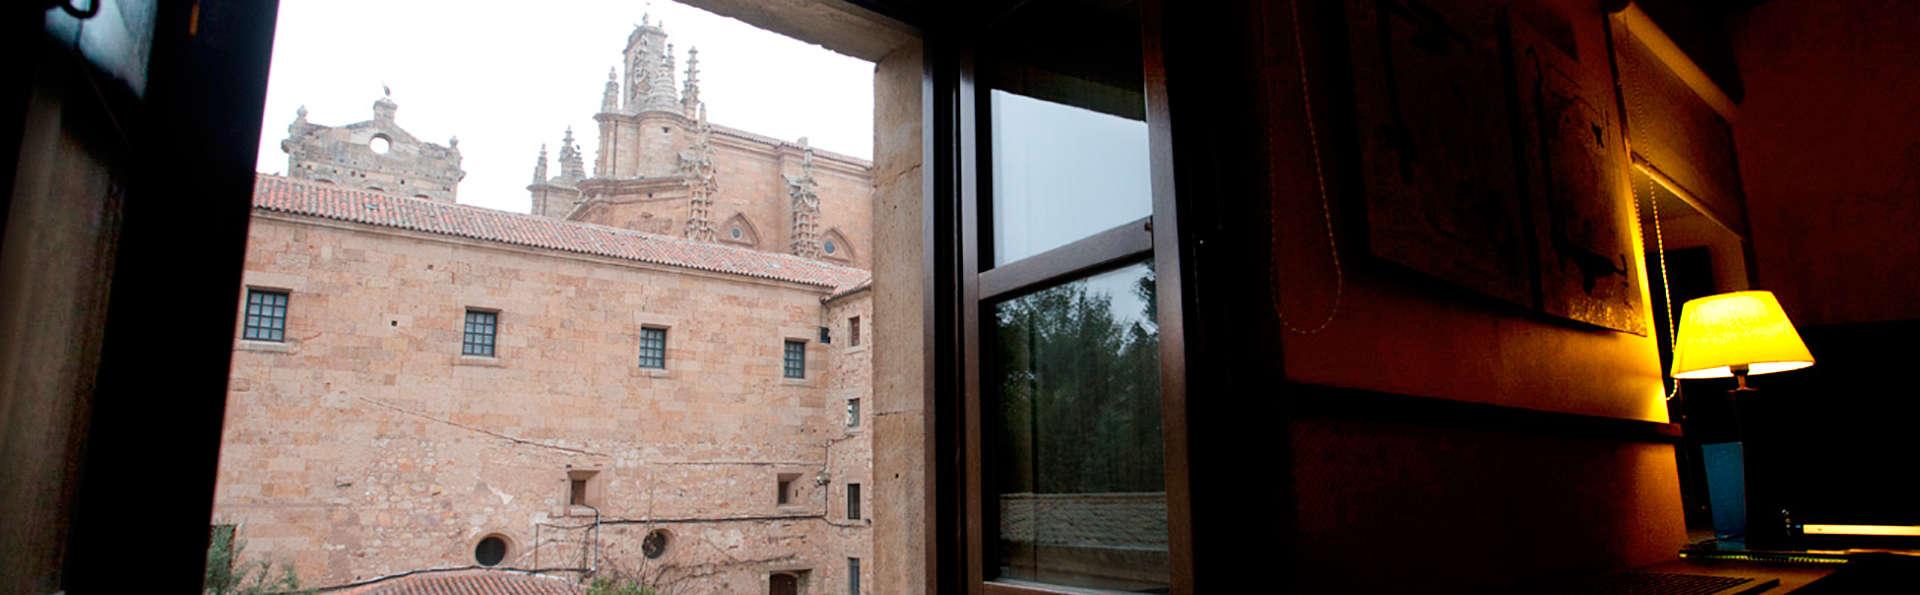 Hospes Palacio de San Esteban - EDIT_detail2.jpg